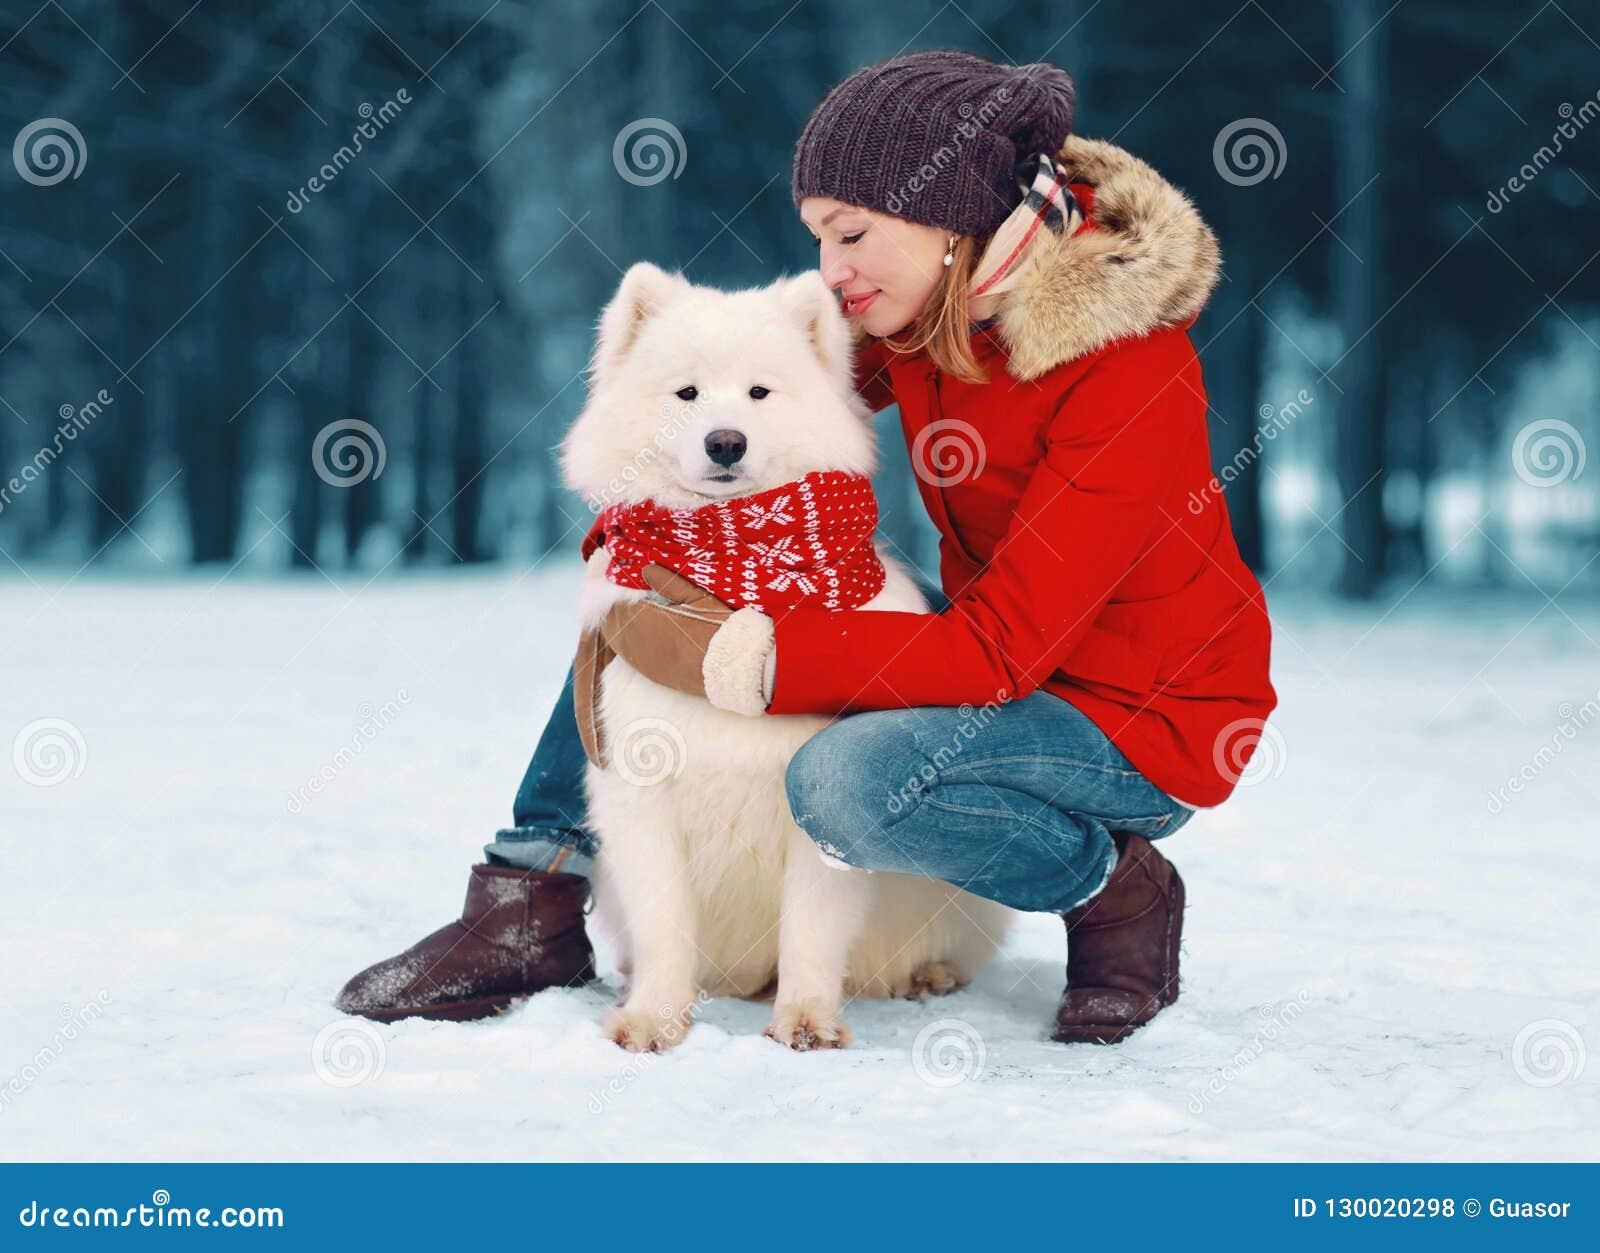 Cão branco de inquietação feliz do Samoyed do abraço da jovem mulher no inverno